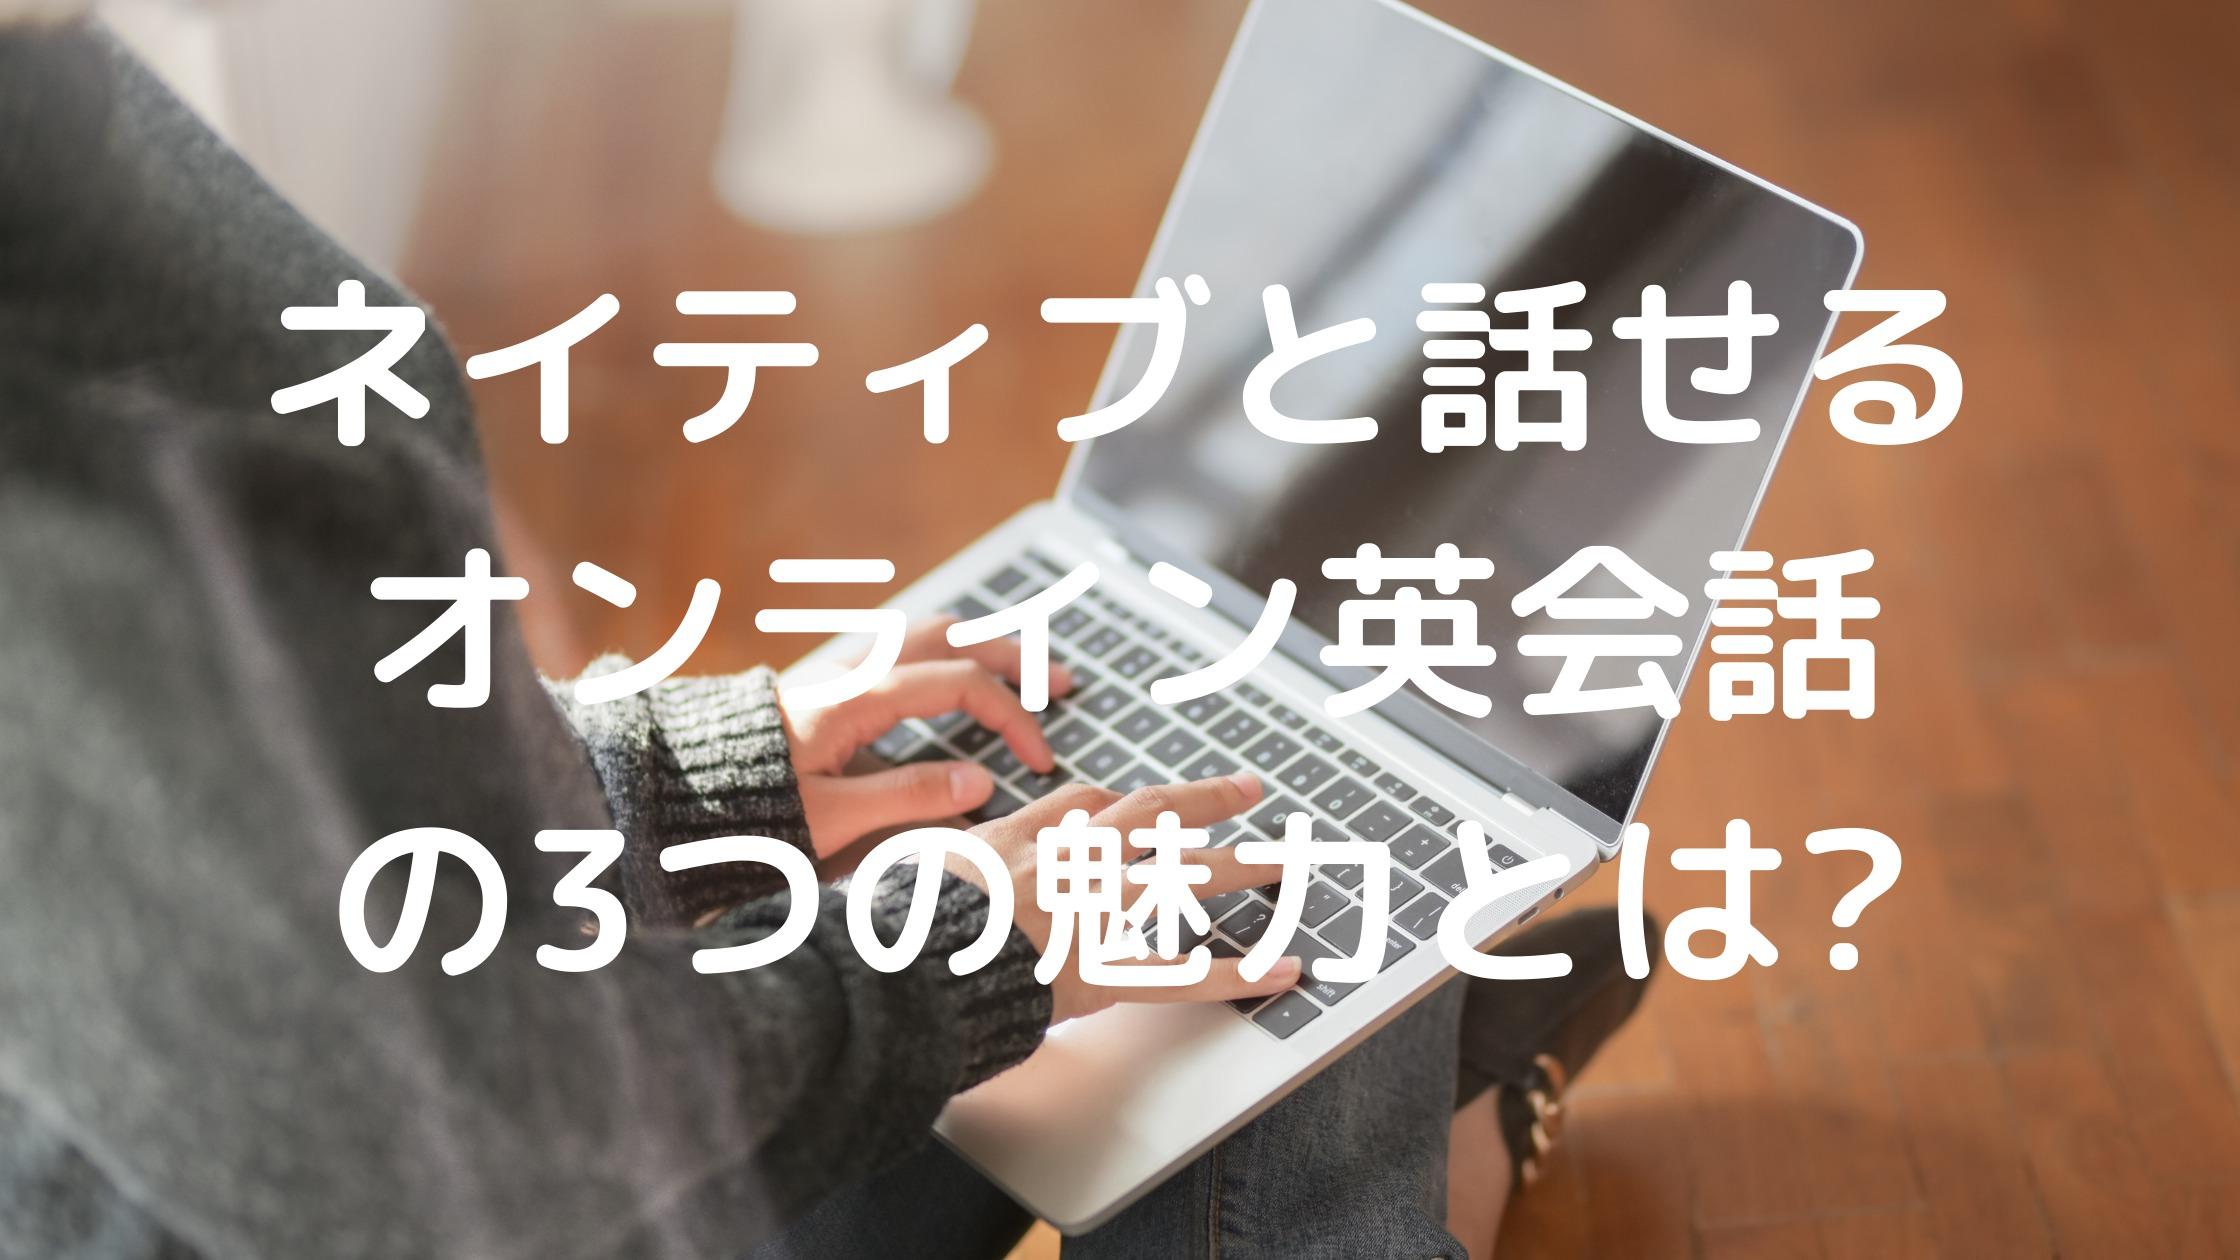 ネイティブと話せるオンライン英会話の写真